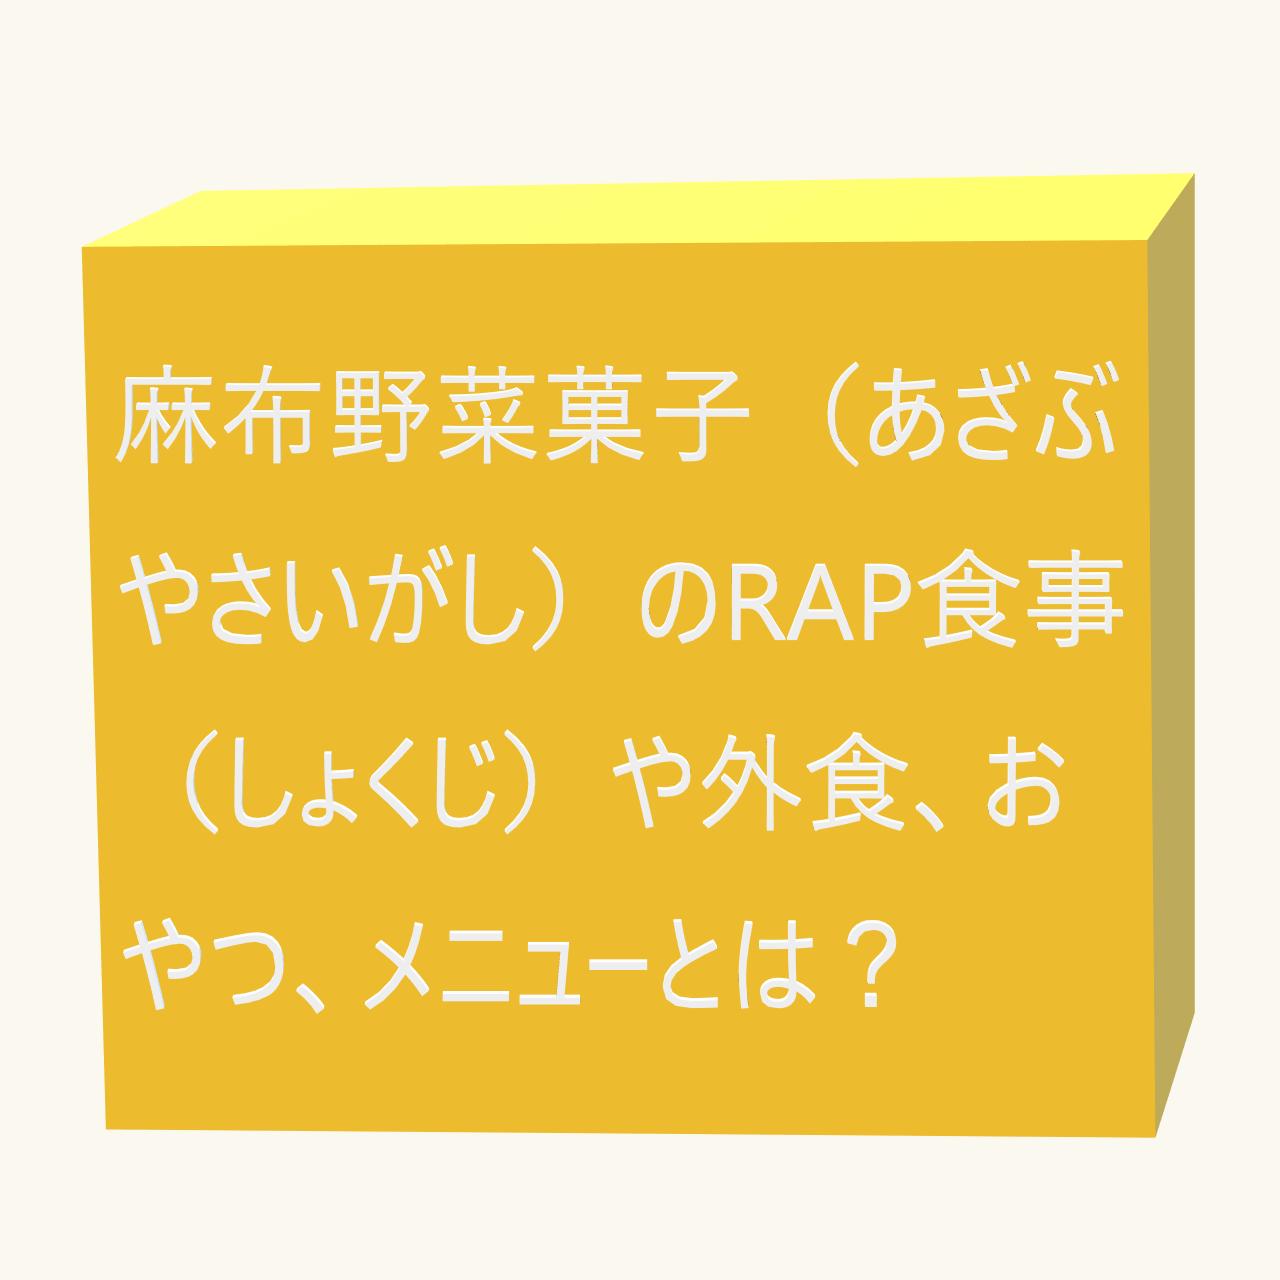 麻布野菜菓子(あざぶやさいがし)のRAP食事(しょくじ)や外食、おやつ、メニューとは?にかかる画像(がぞう)